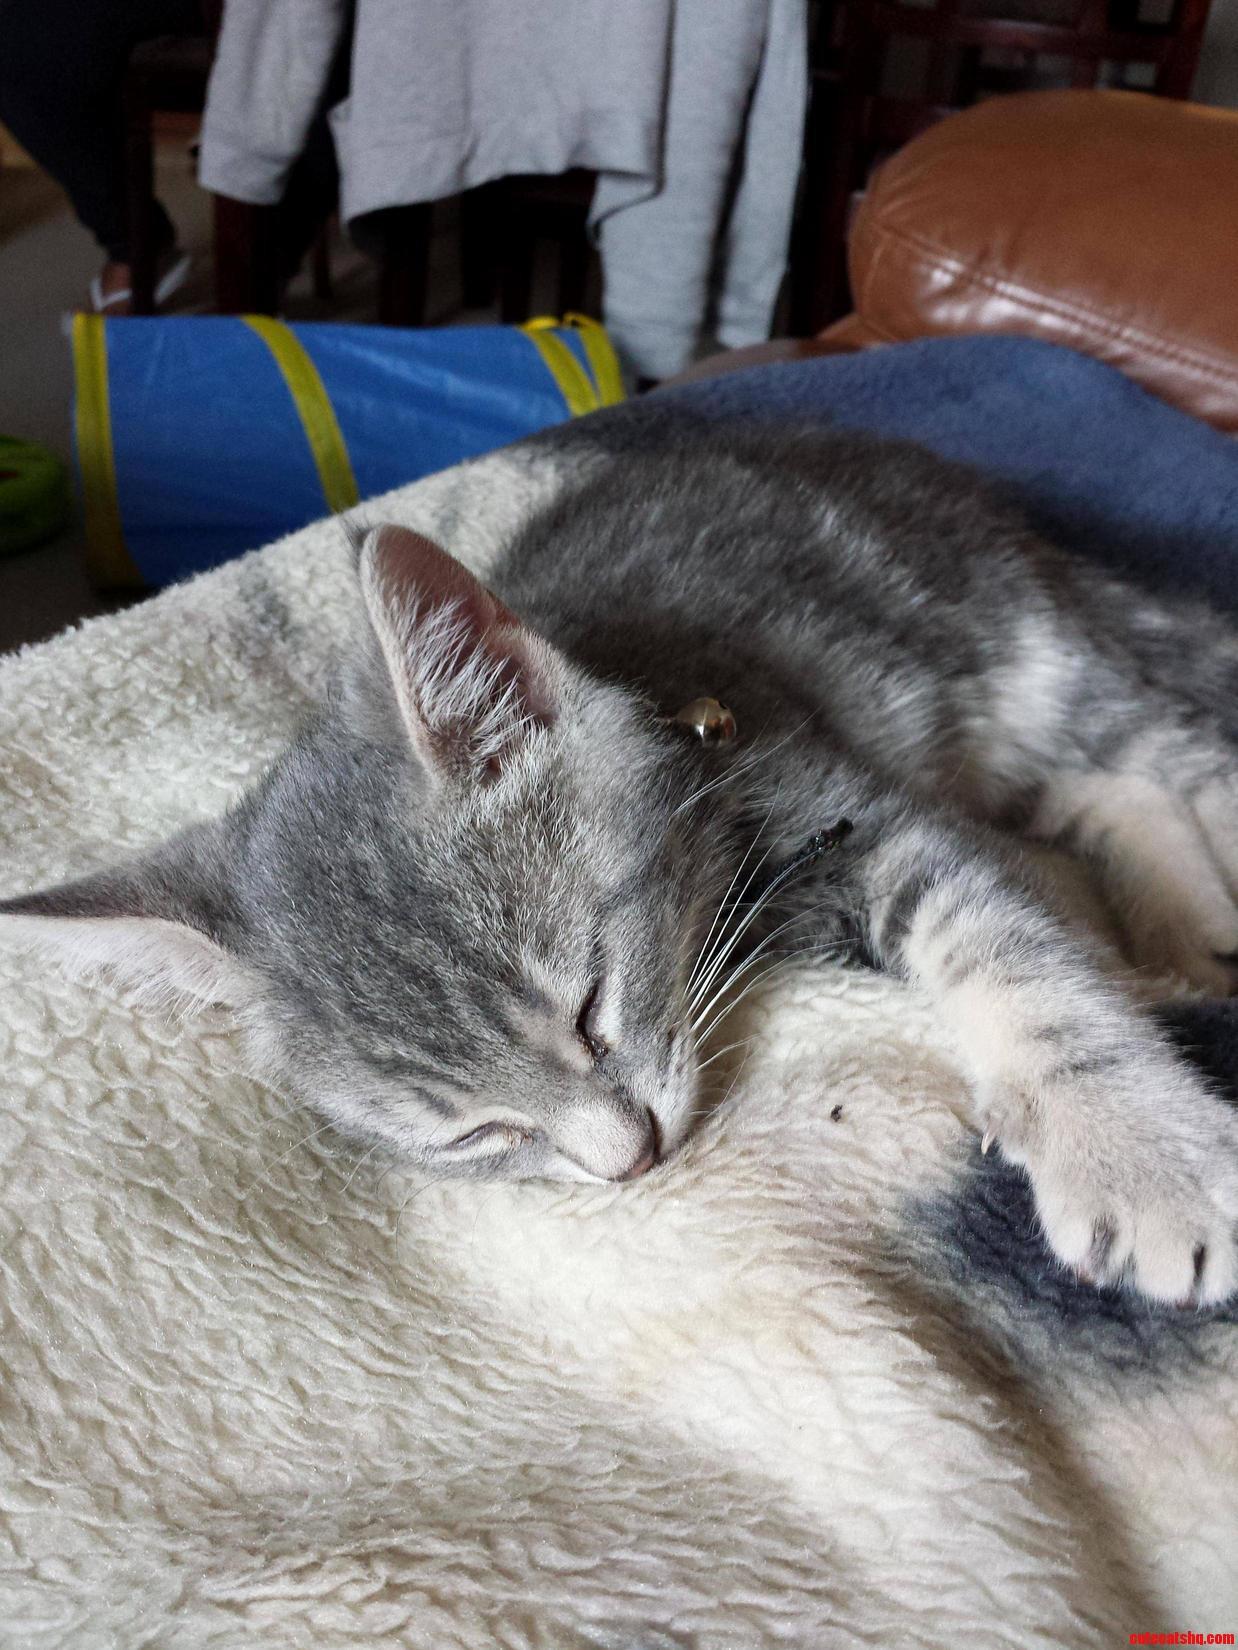 My Mom Got A New Kitten And He Belongs Here. Meet Hutch.